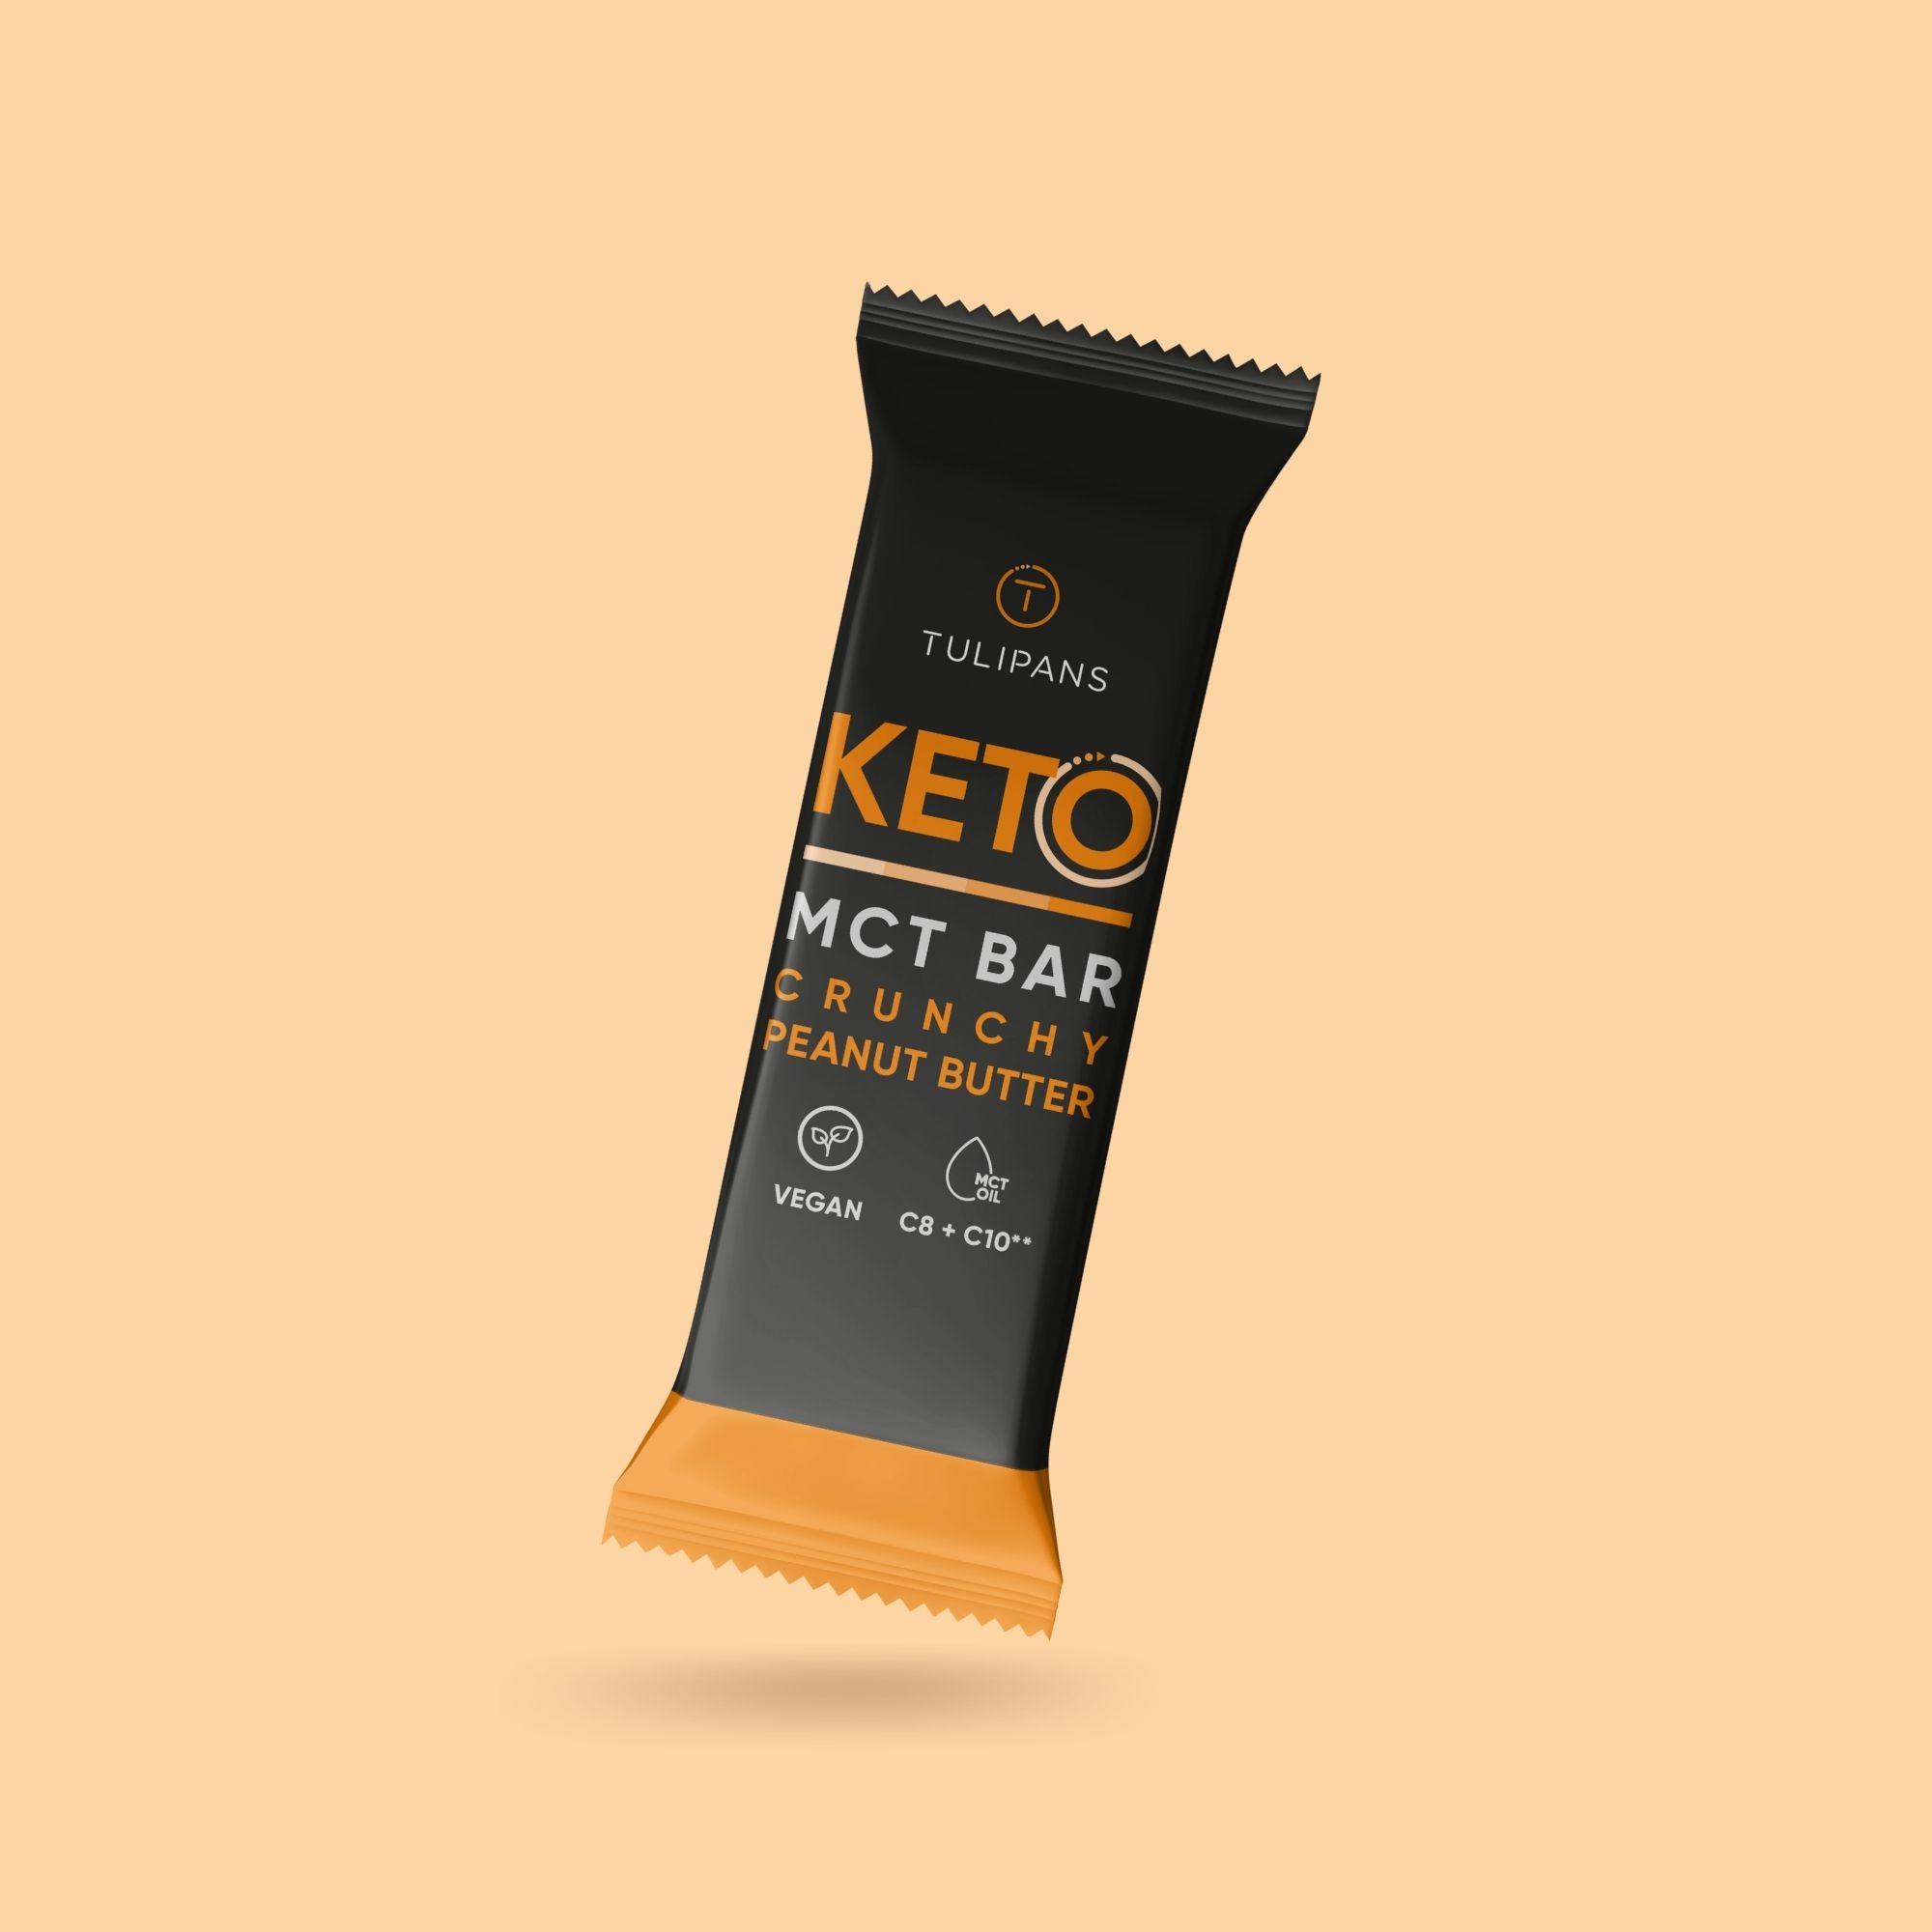 MCT Bar Crunchy Peanut Butter 50g